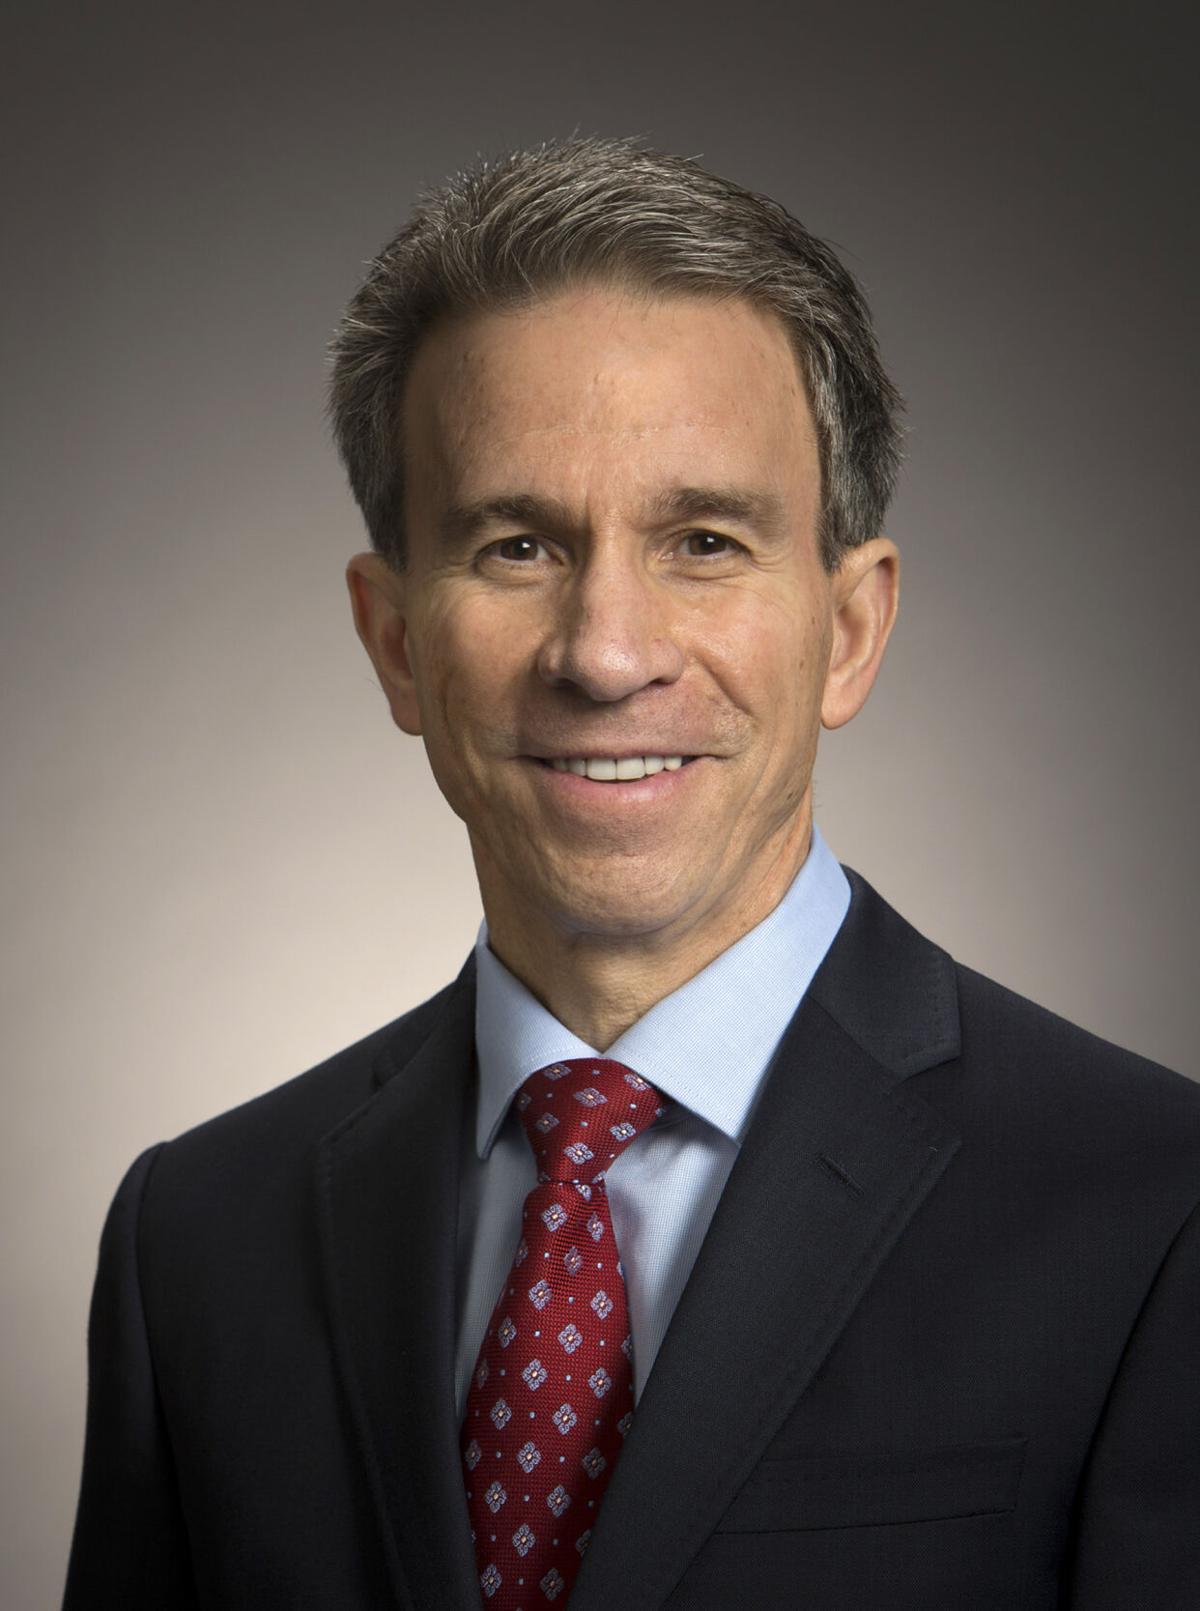 Jim Umpleby, Caterpillar's chief executive